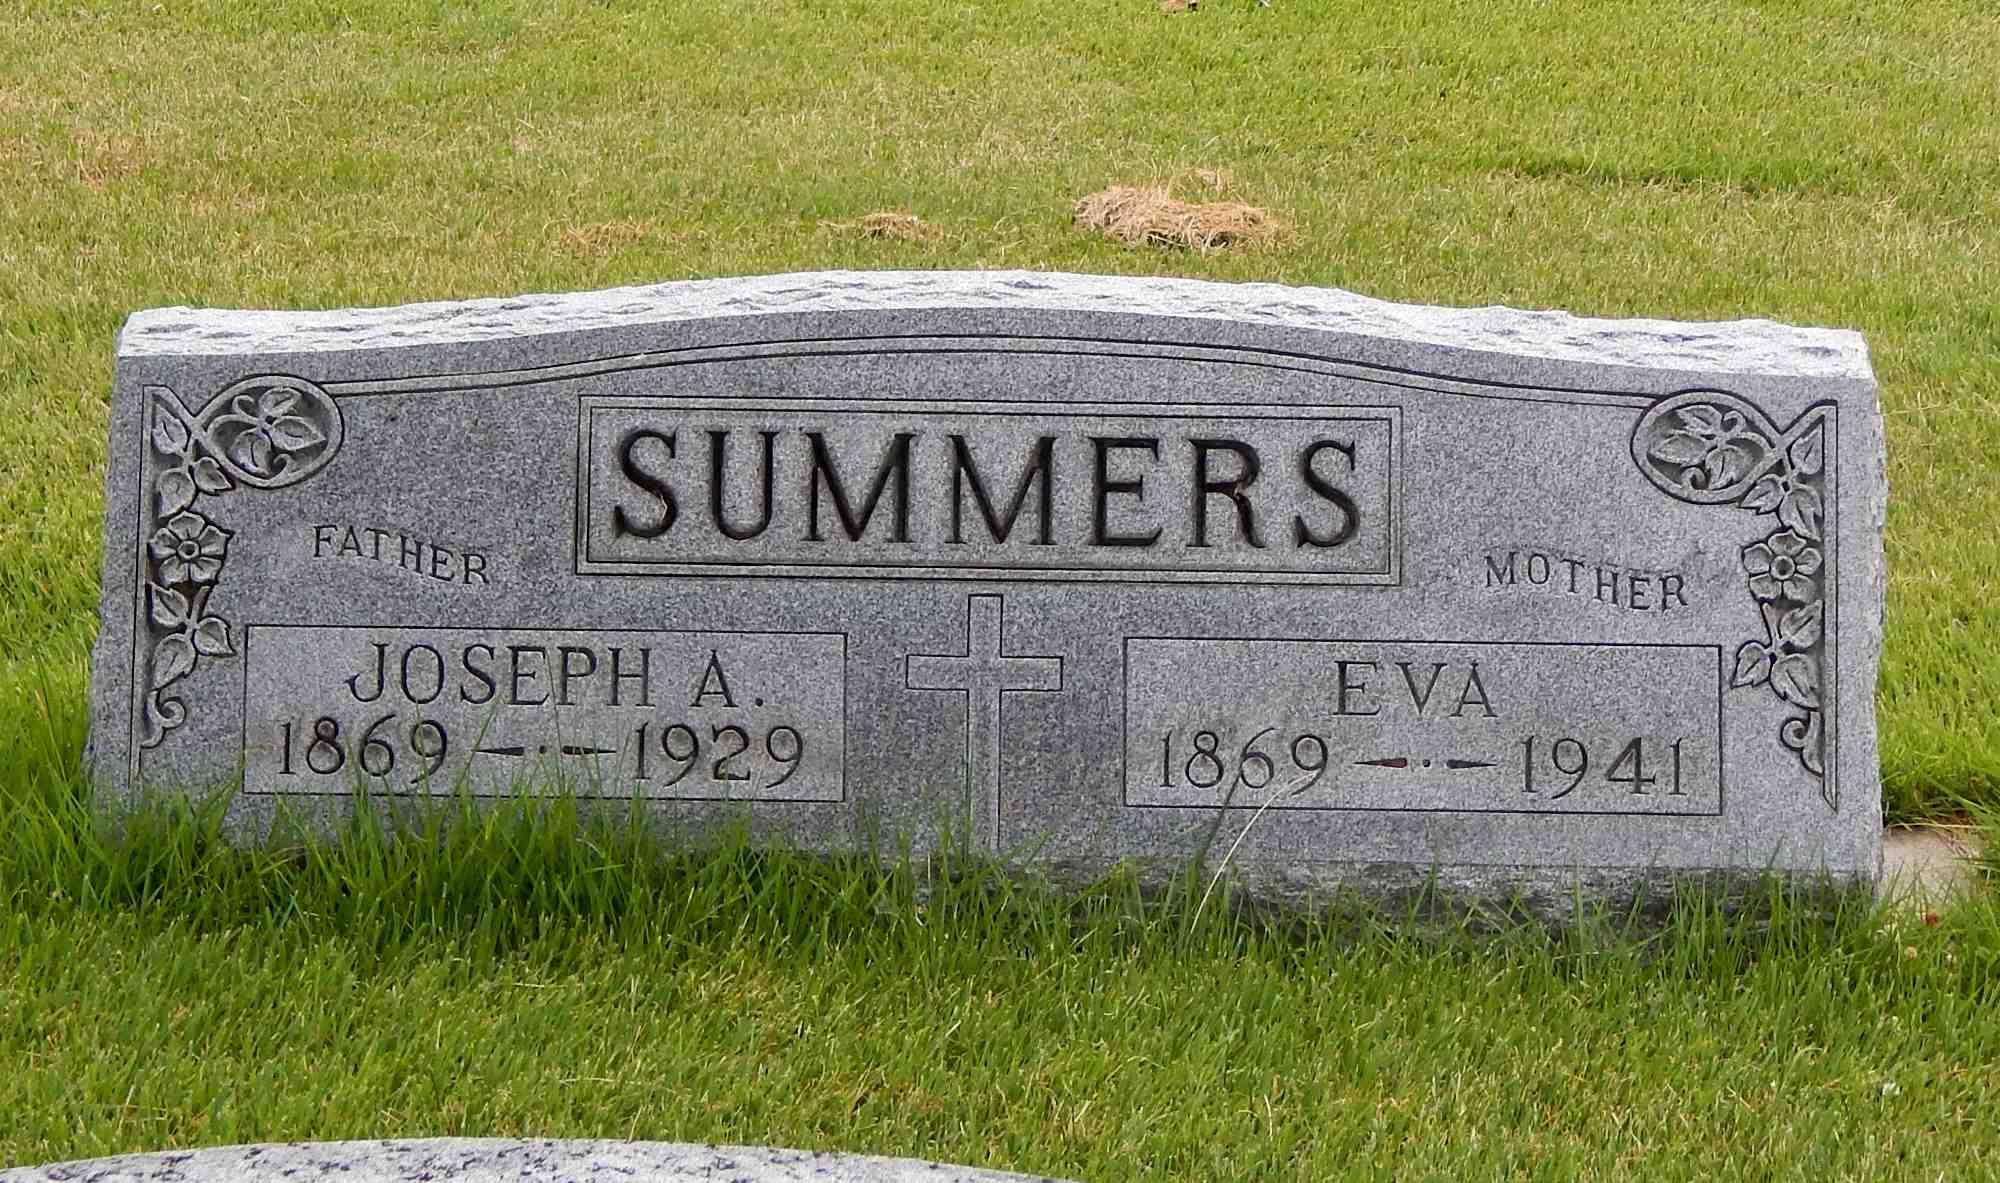 Joseph A Summers